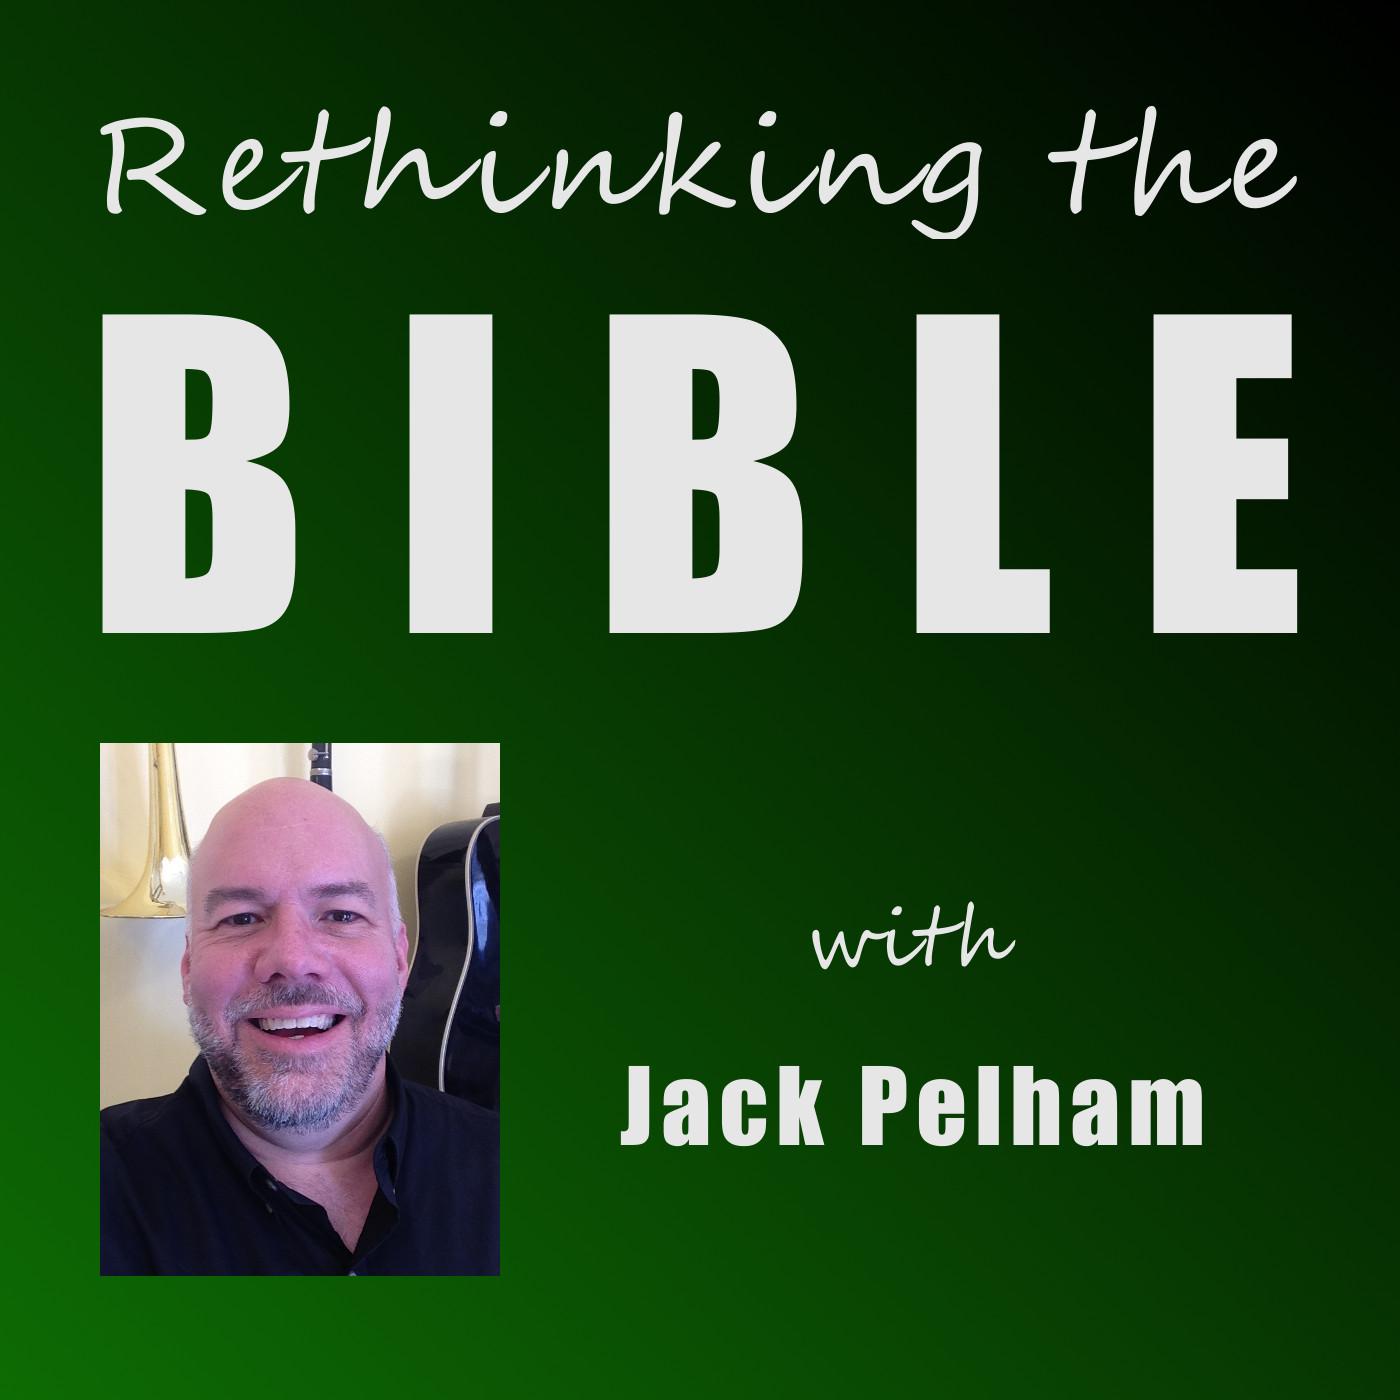 Rethinking the Bible with Jack Pelham